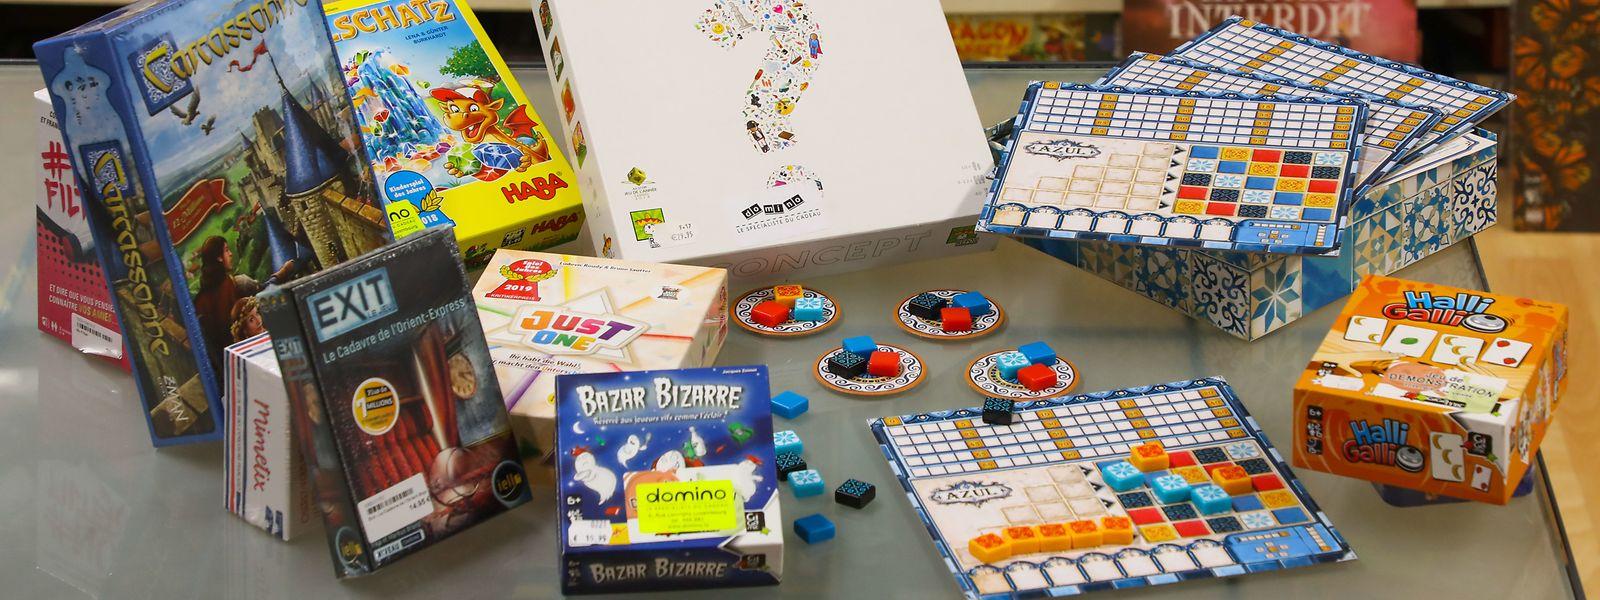 Le ministère de l'Education nationale mettra également à disposition des jeux à disposition des élèves et de leurs familles.